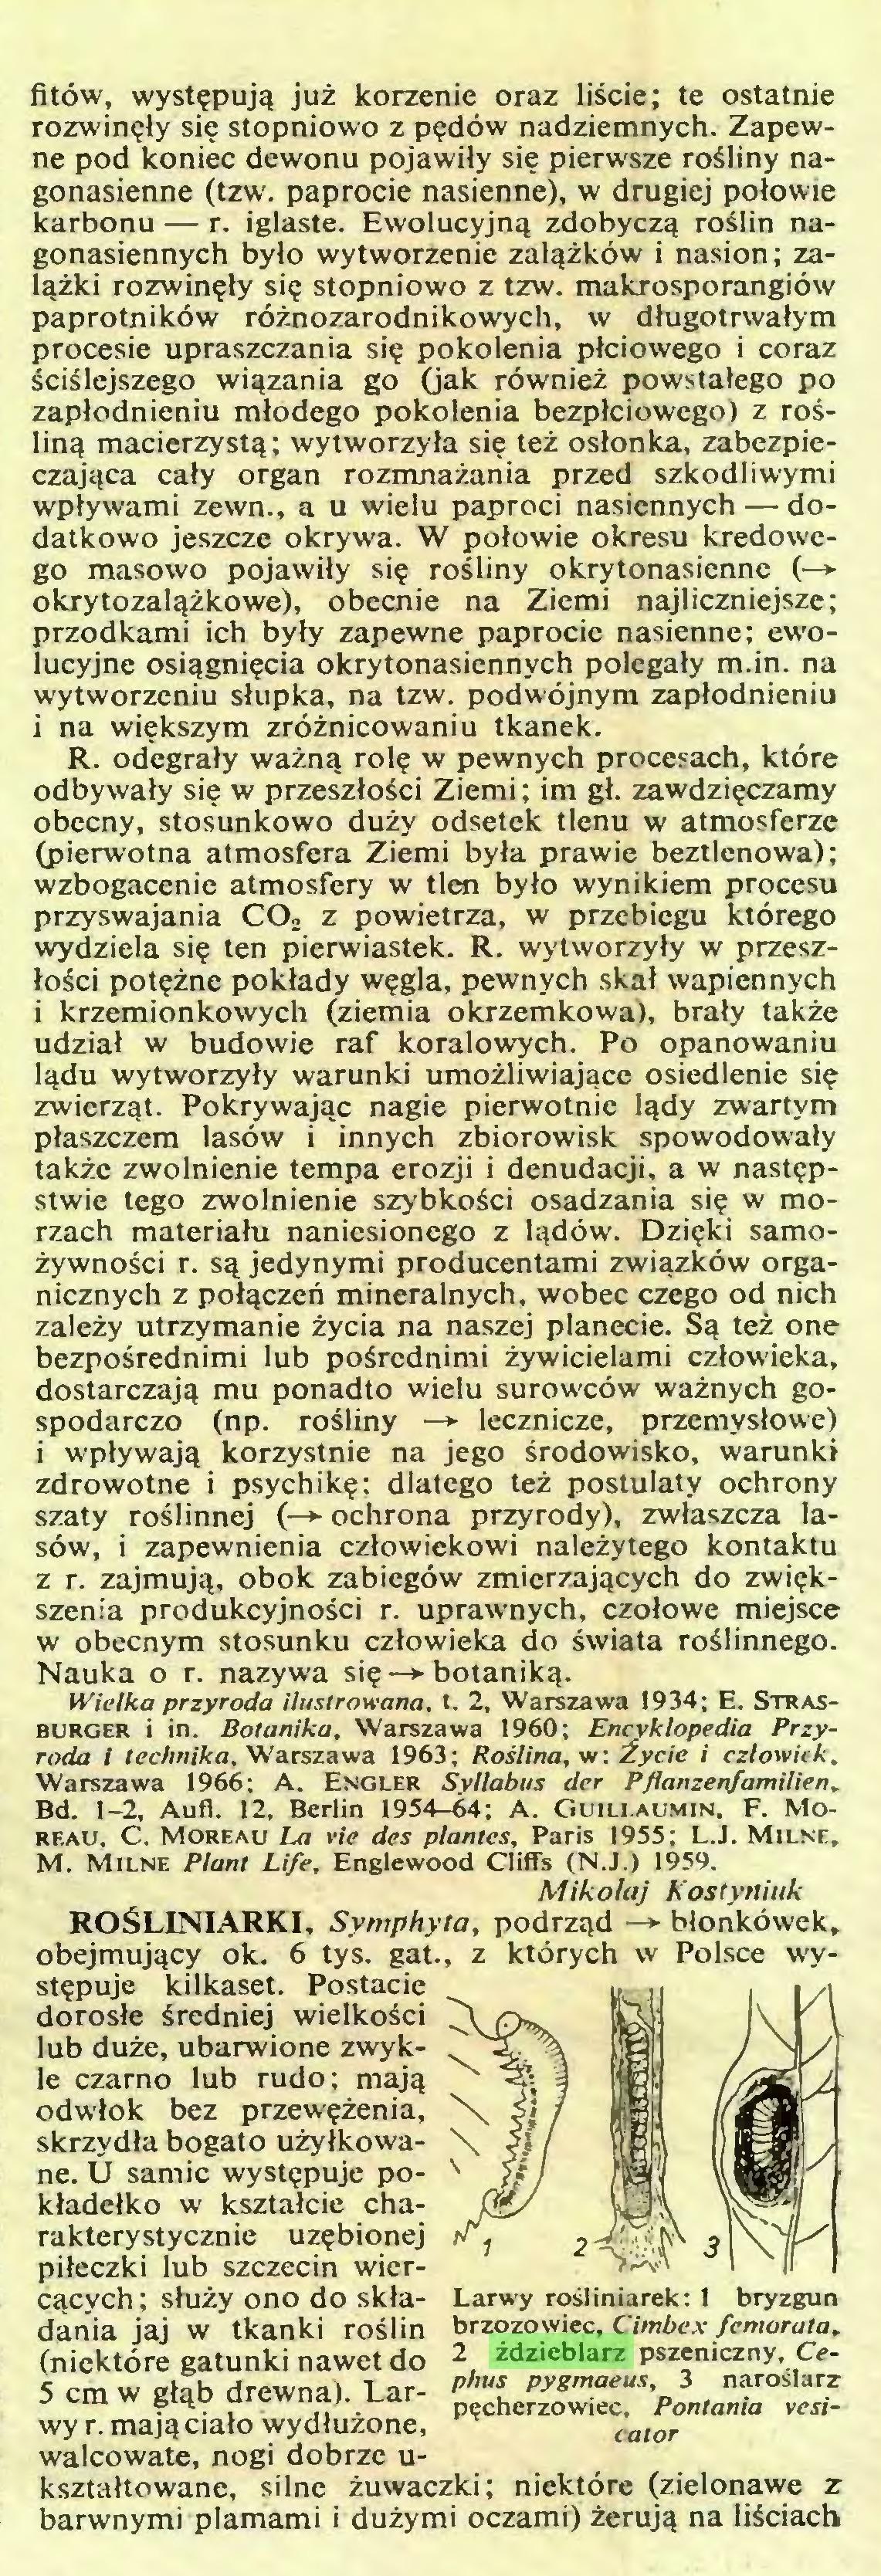 (...) wy r. mają ciało wydłużone, walcowate, nogi dobrze ukształtowane, silne żuwaczki; niektóre (zielonawe z barwnymi plamami i dużymi oczami) żerują na liściach Larwy rośliniarek: 1 bryzgun brzozowiec, Cimbex femorata, 2 ździeblarz pszeniczny, Cephus pygmaeus, 3 naroślarz pęcherzowiec, Pontania vesicator ROTA...